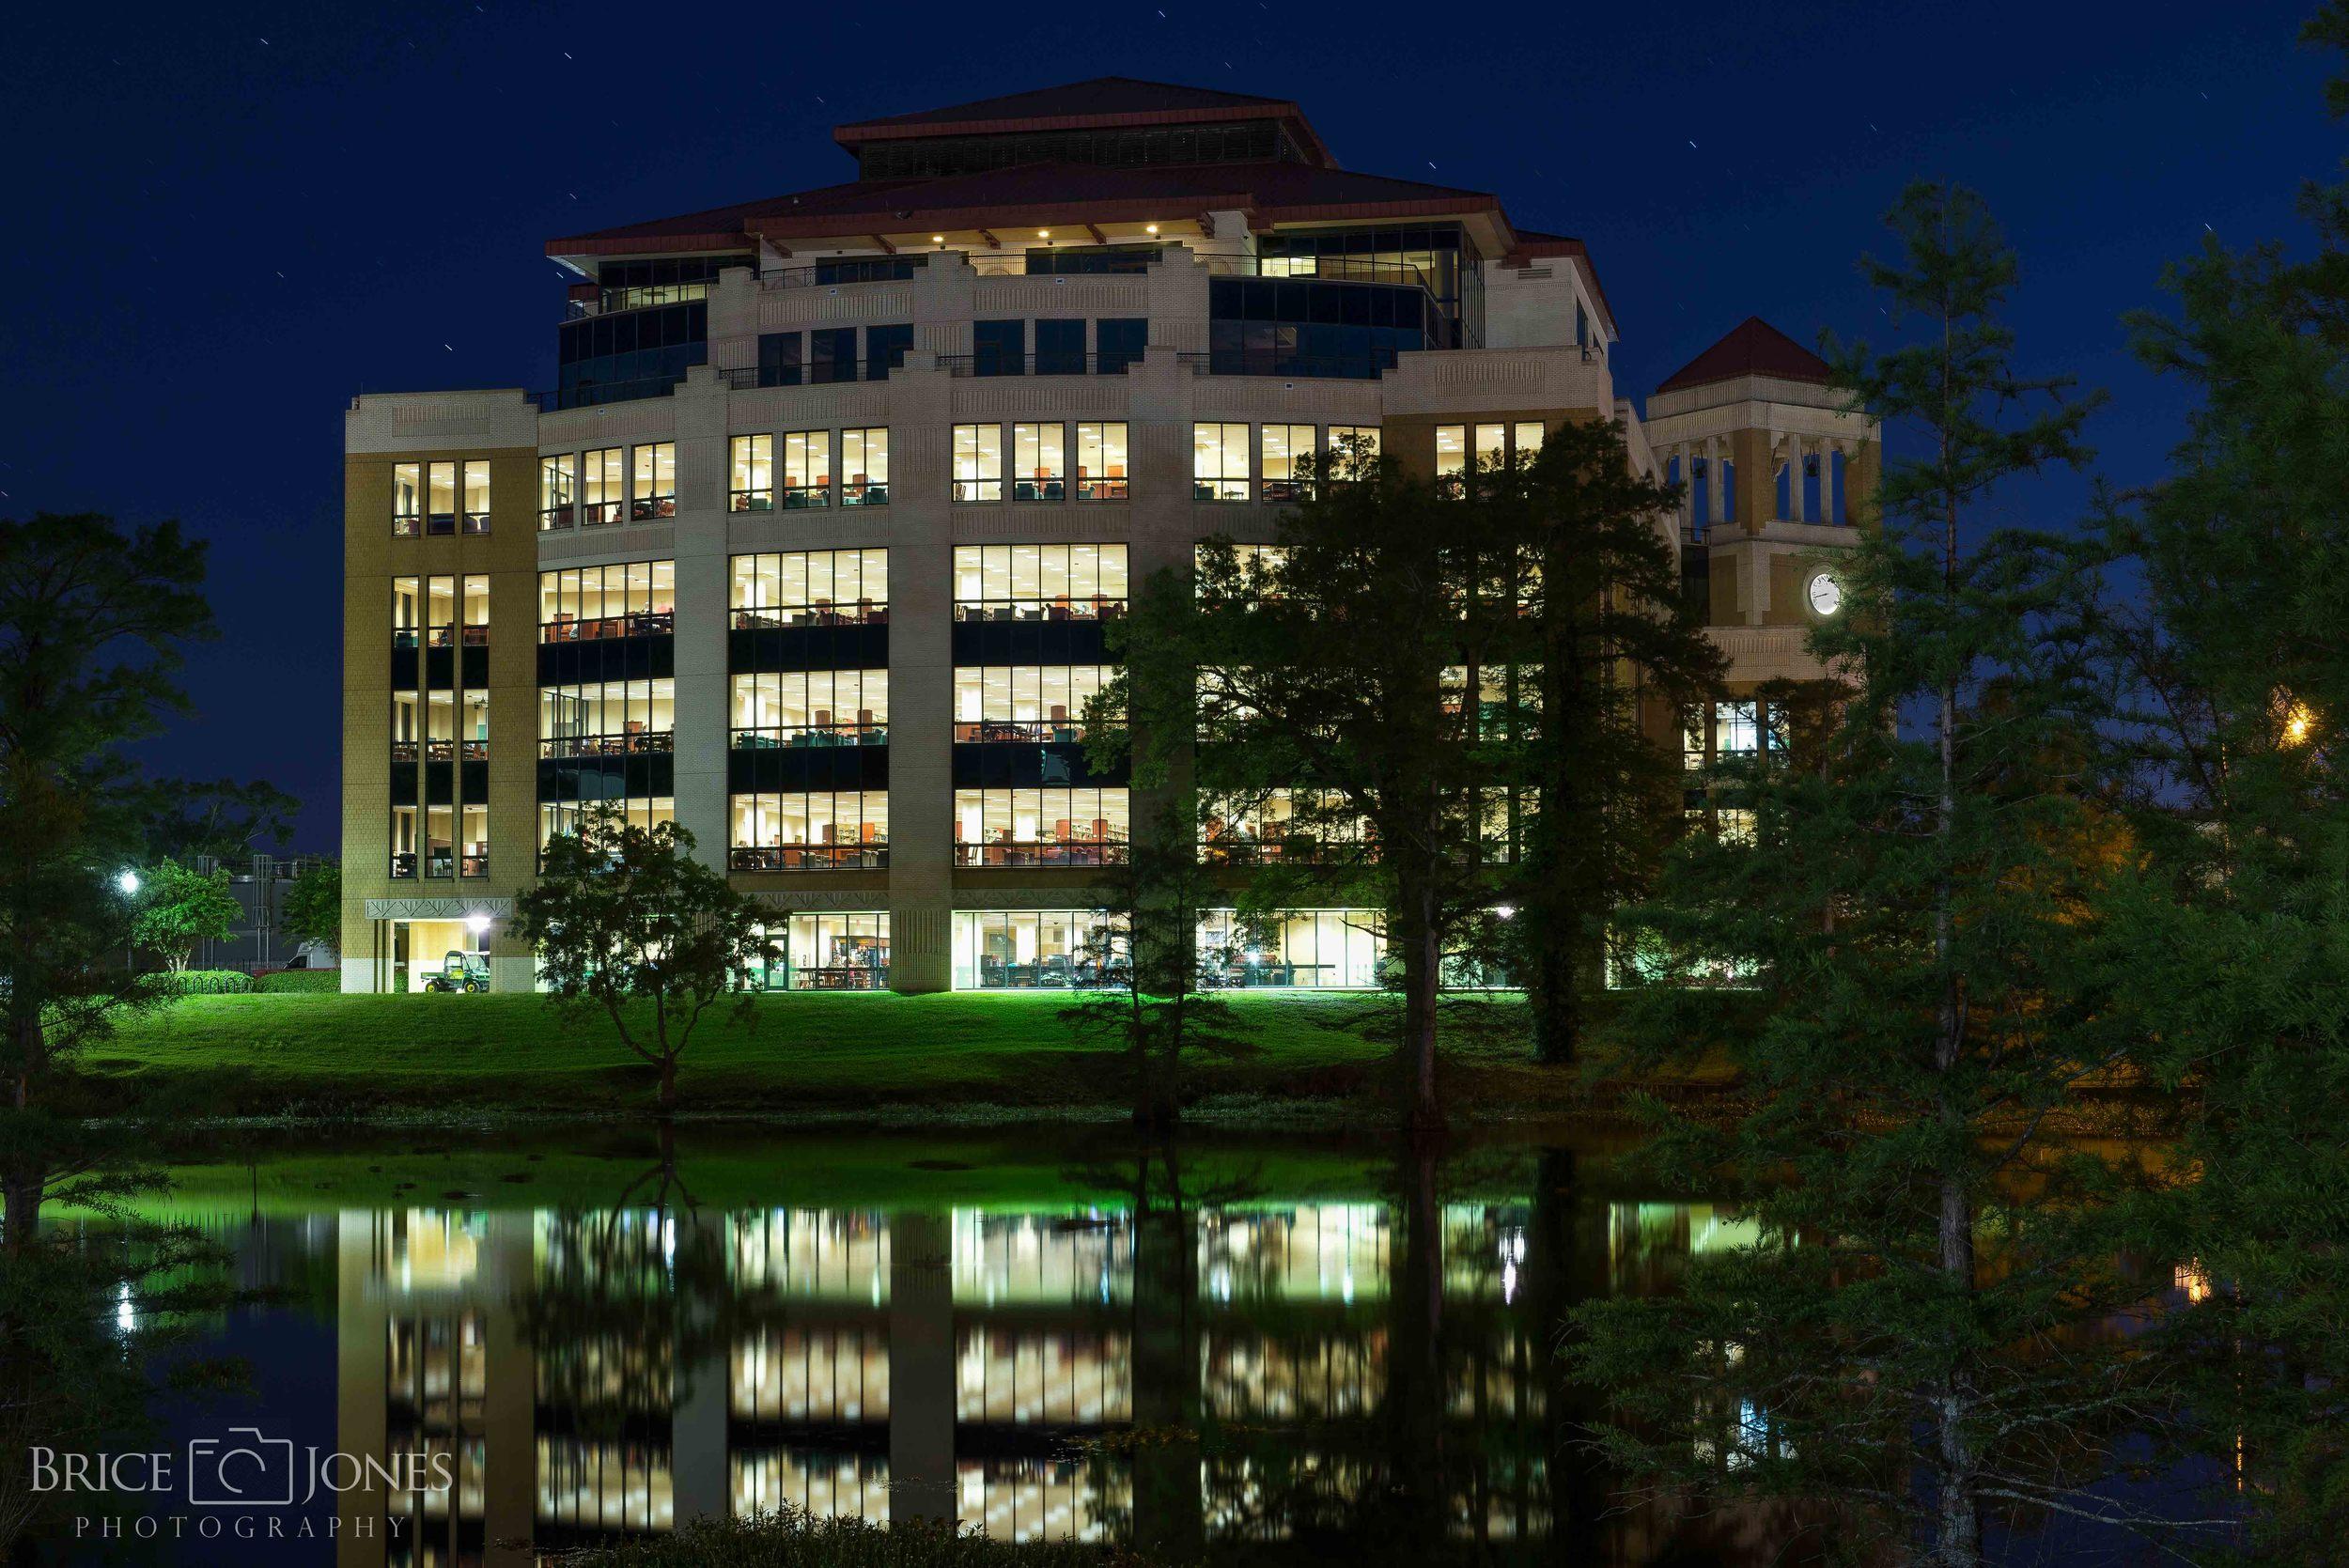 University of Louisiana at Monroe library